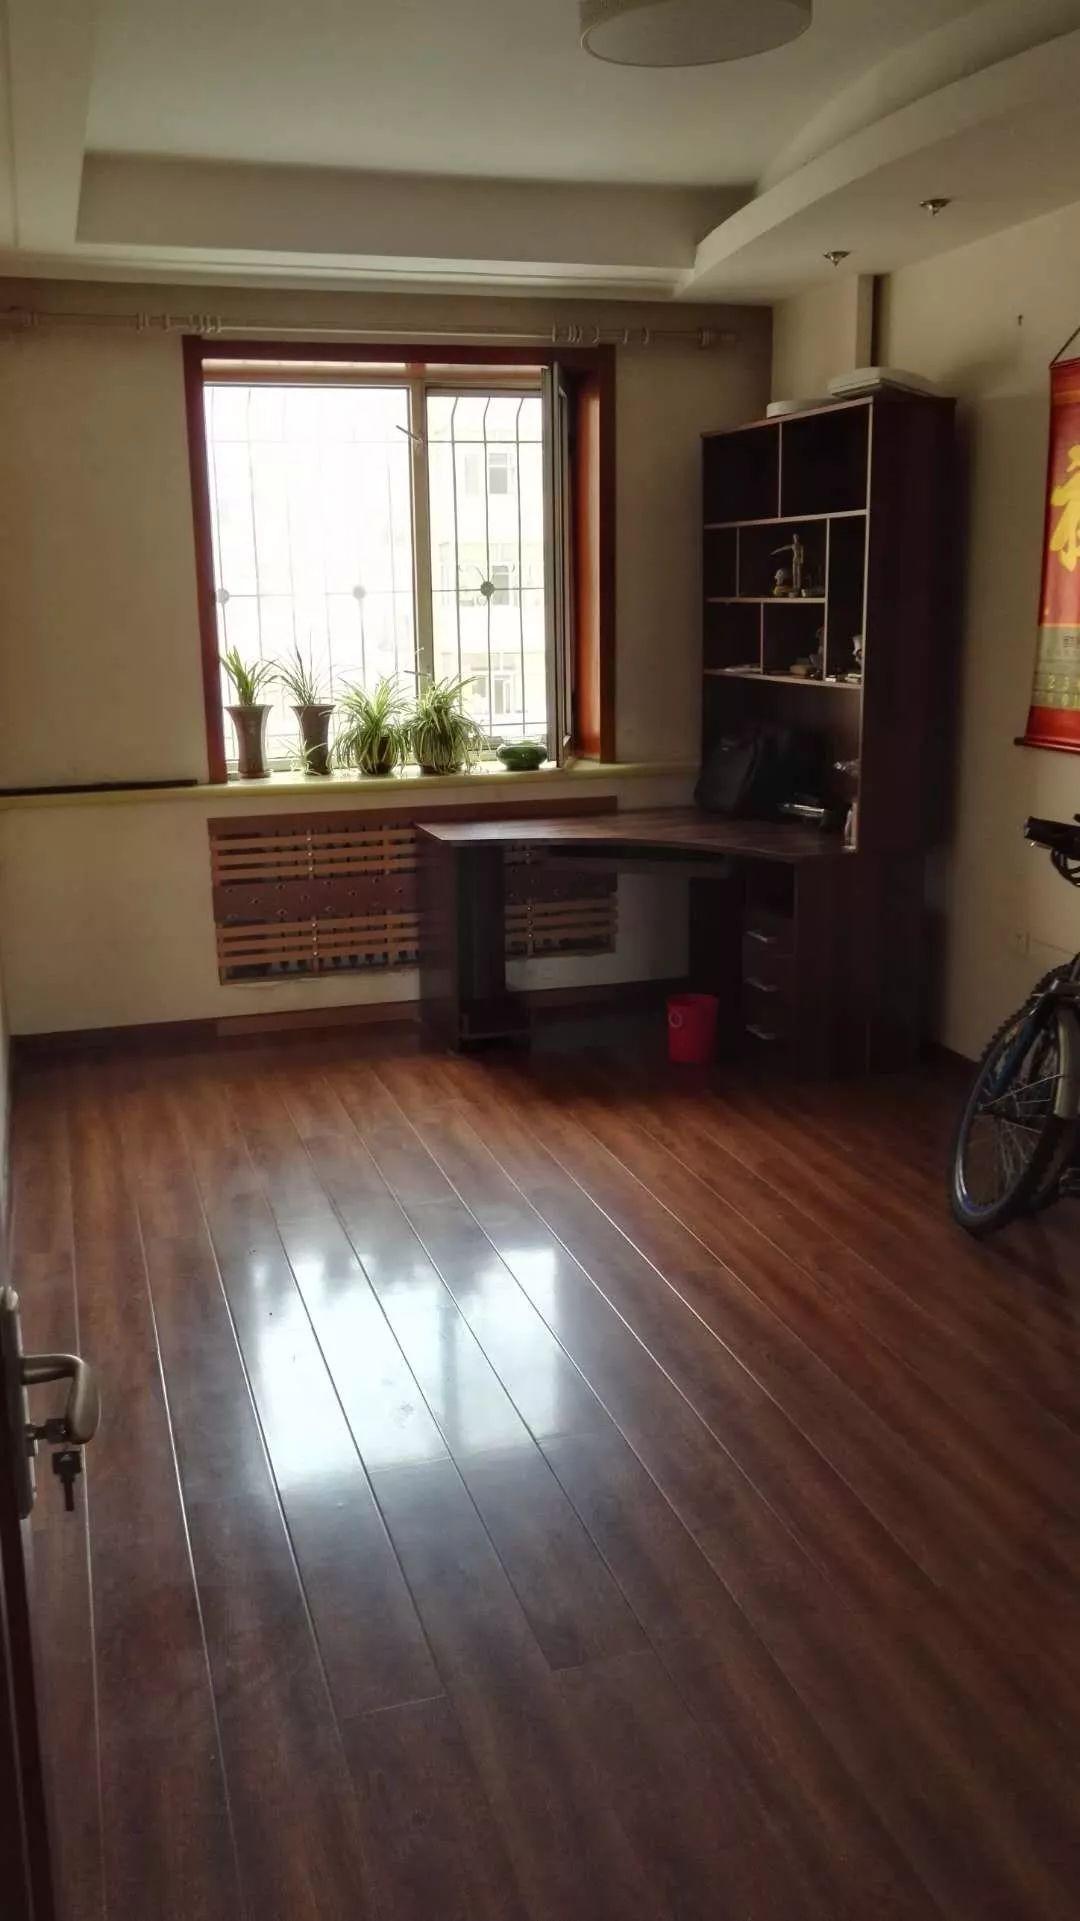 出租保健路与征仪路交口金博花园两室一厅拎包即住